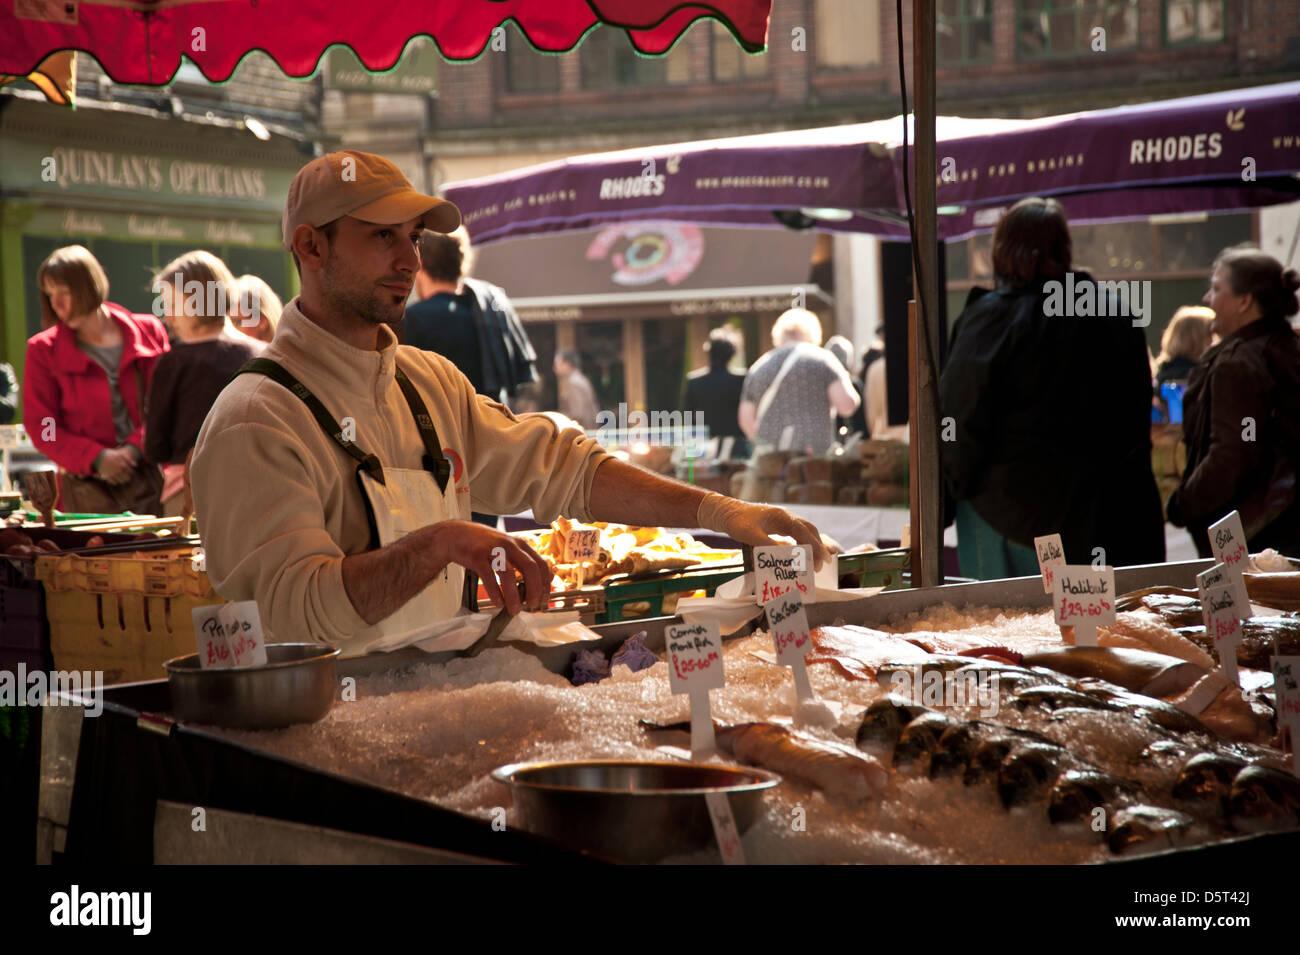 Borough Farmers Market, London - Stock Image